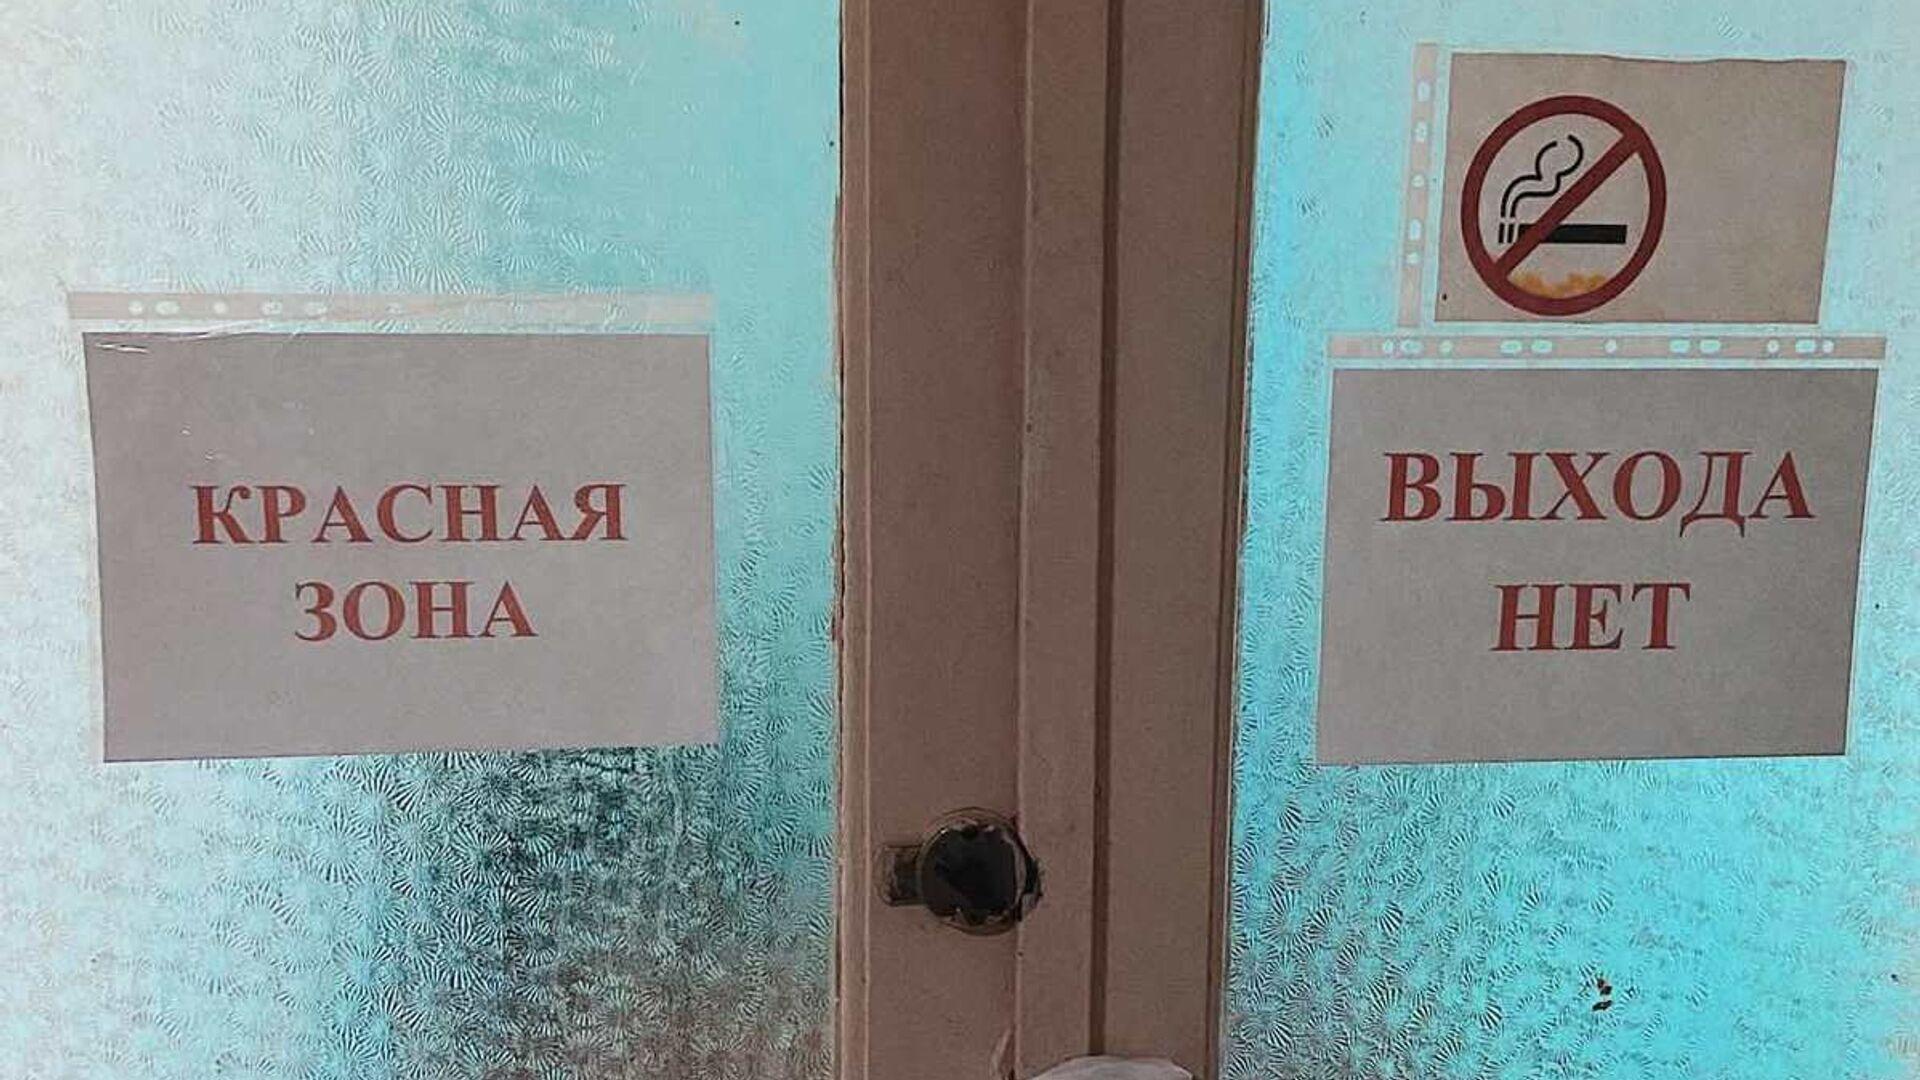 Красная зона ковидного госпиталя - РИА Новости, 1920, 06.03.2021